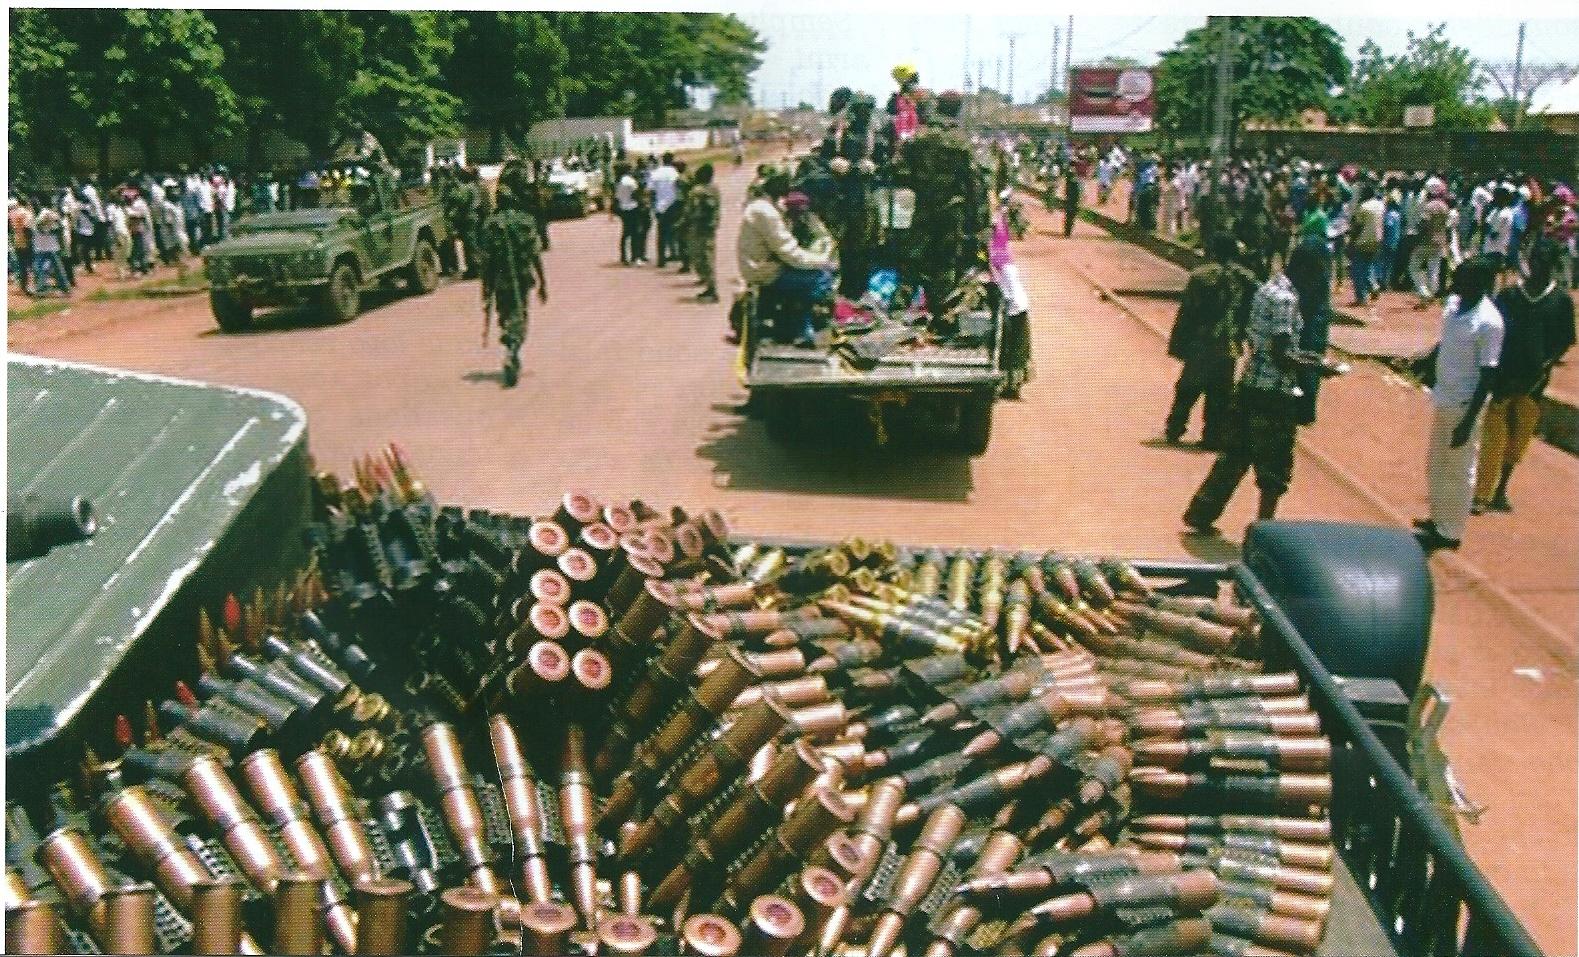 Colpo di stato della Seleka in Centrafrica, violenza e sangue sono all'ordine del giorno.